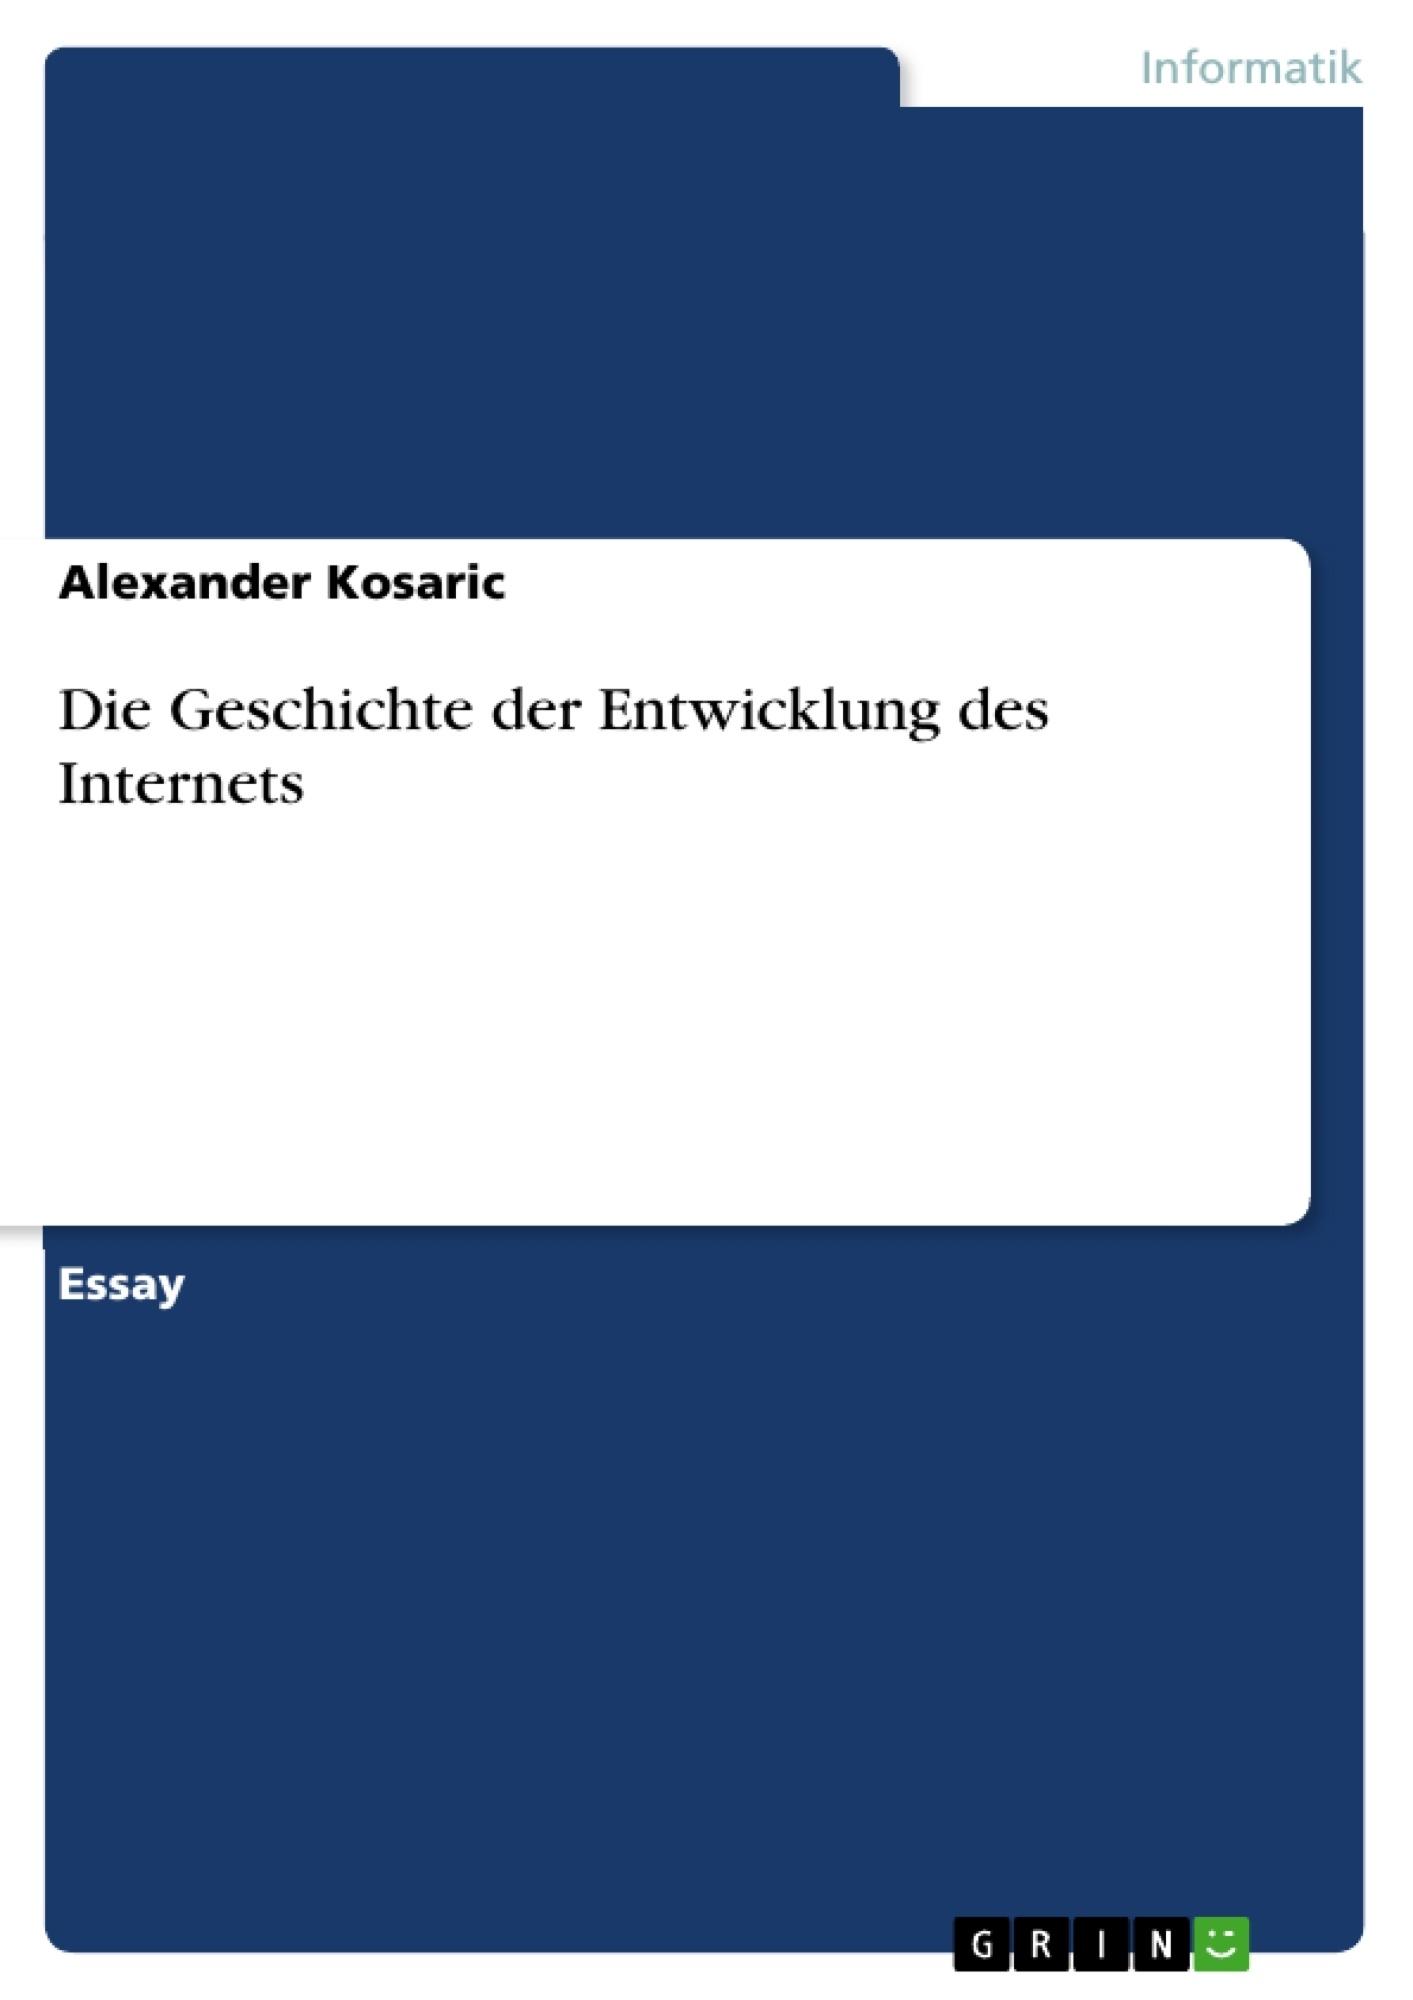 Titel: Die Geschichte der Entwicklung des Internets